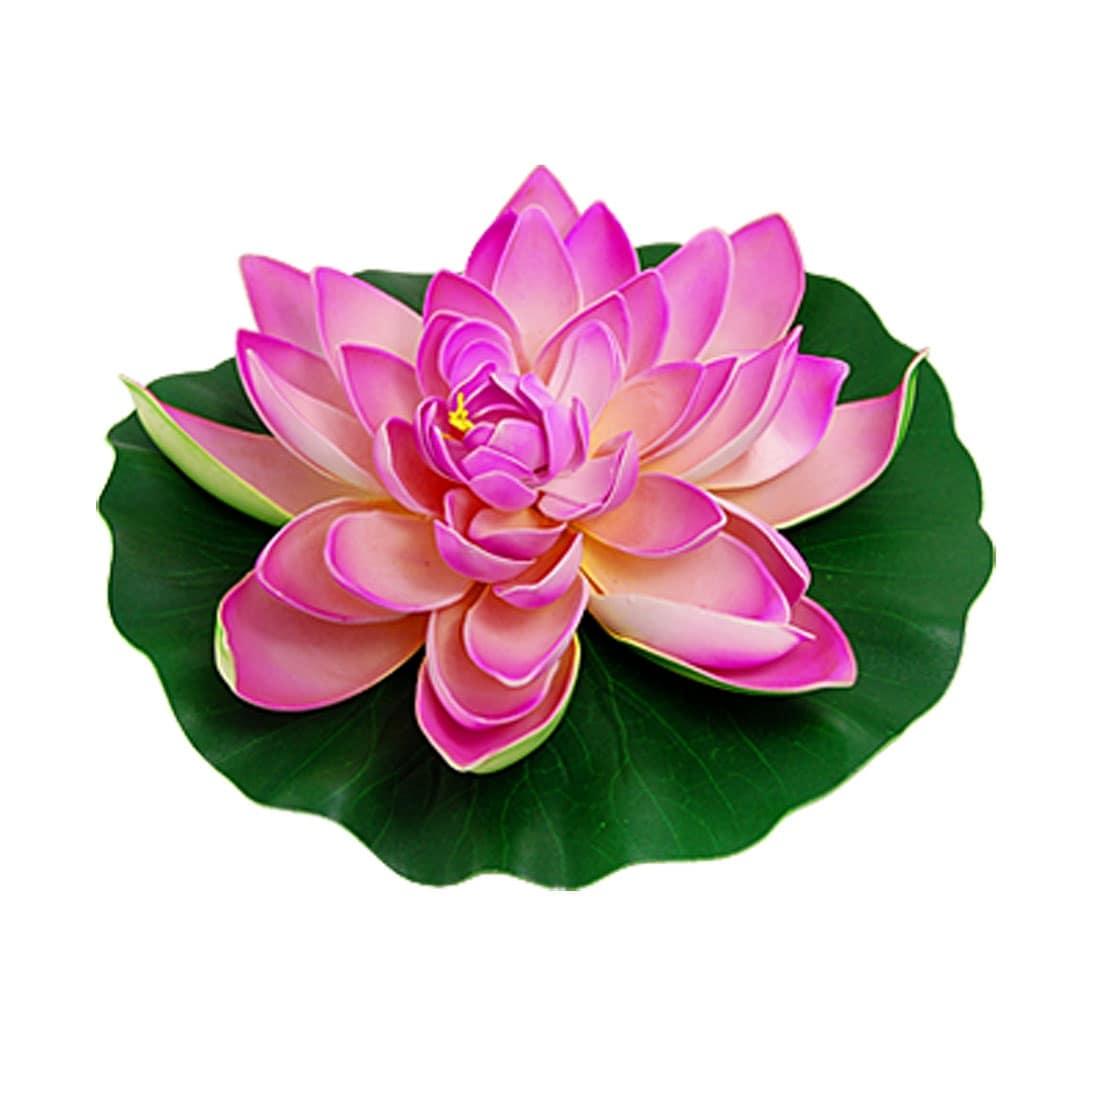 Unique Bargains Aquarium Decoration Green Leaf Pink Lotus Flower